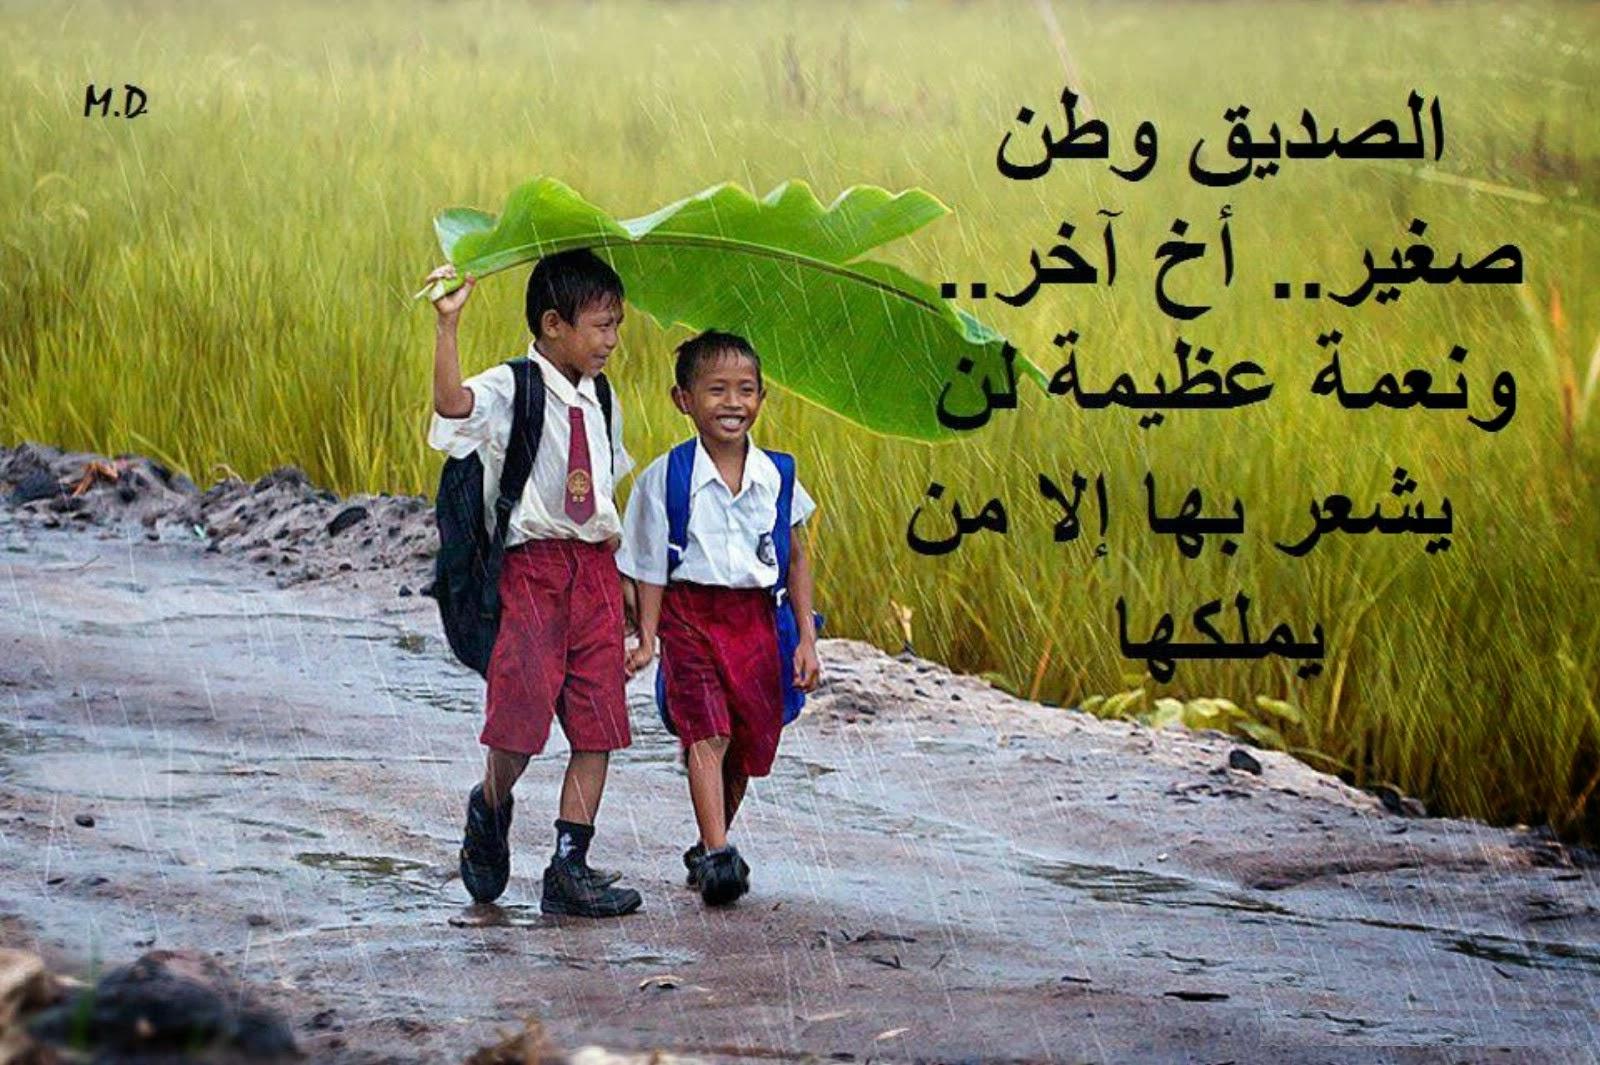 اجمل رمزيات عتاب حب حزينة رومانسية او معاتبة الاصدقاء - Images 3tab Friends Lovers Rmaziat Romantic